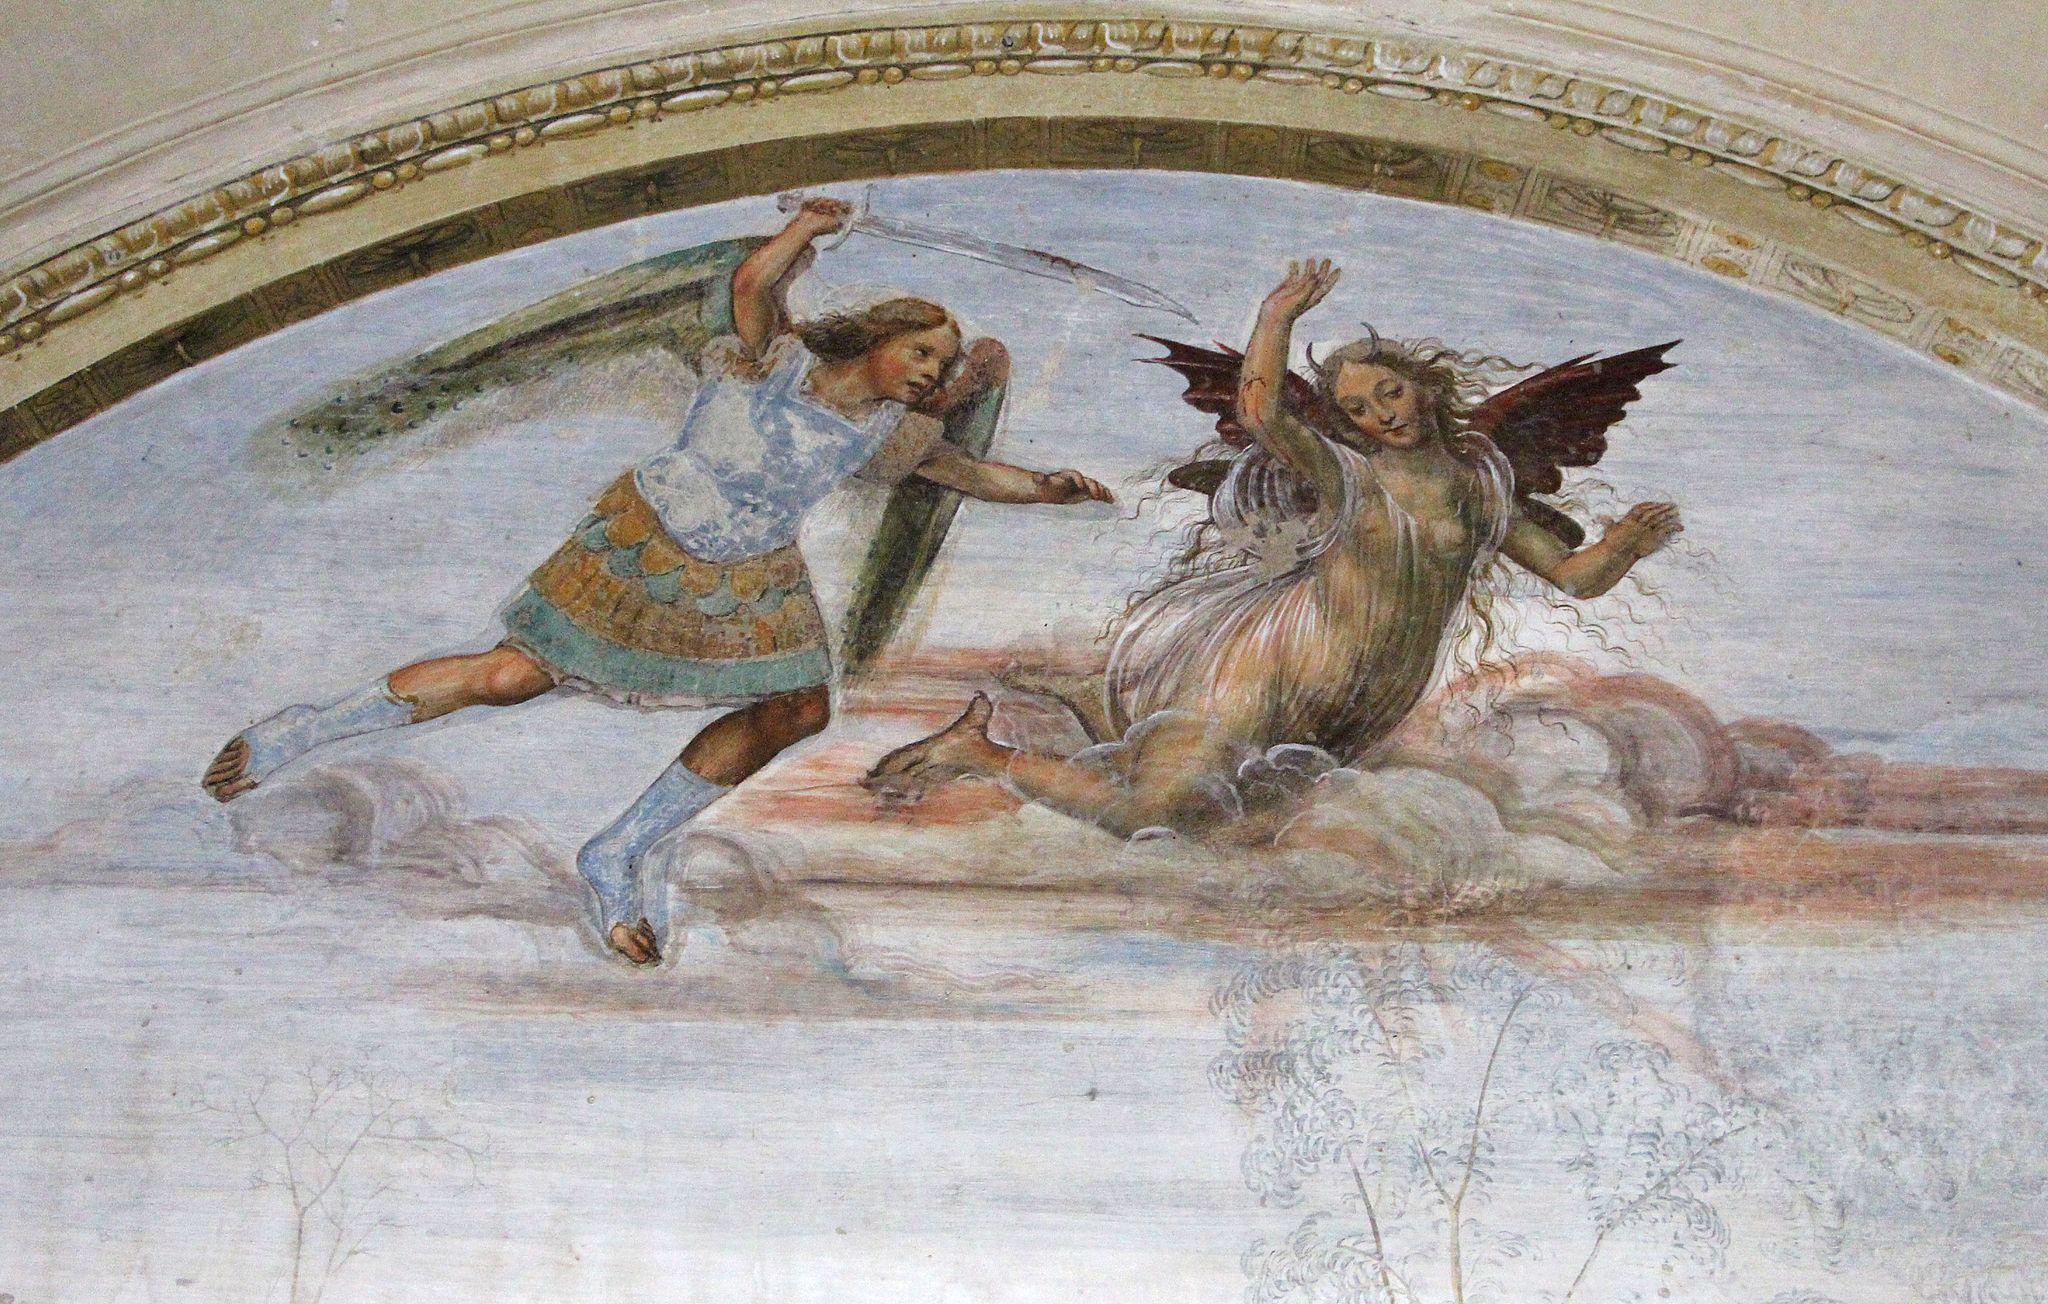 Storie di s. benedetto, 08 sodoma - Come Benedetto tentato d'impurità supera la tentazione 02